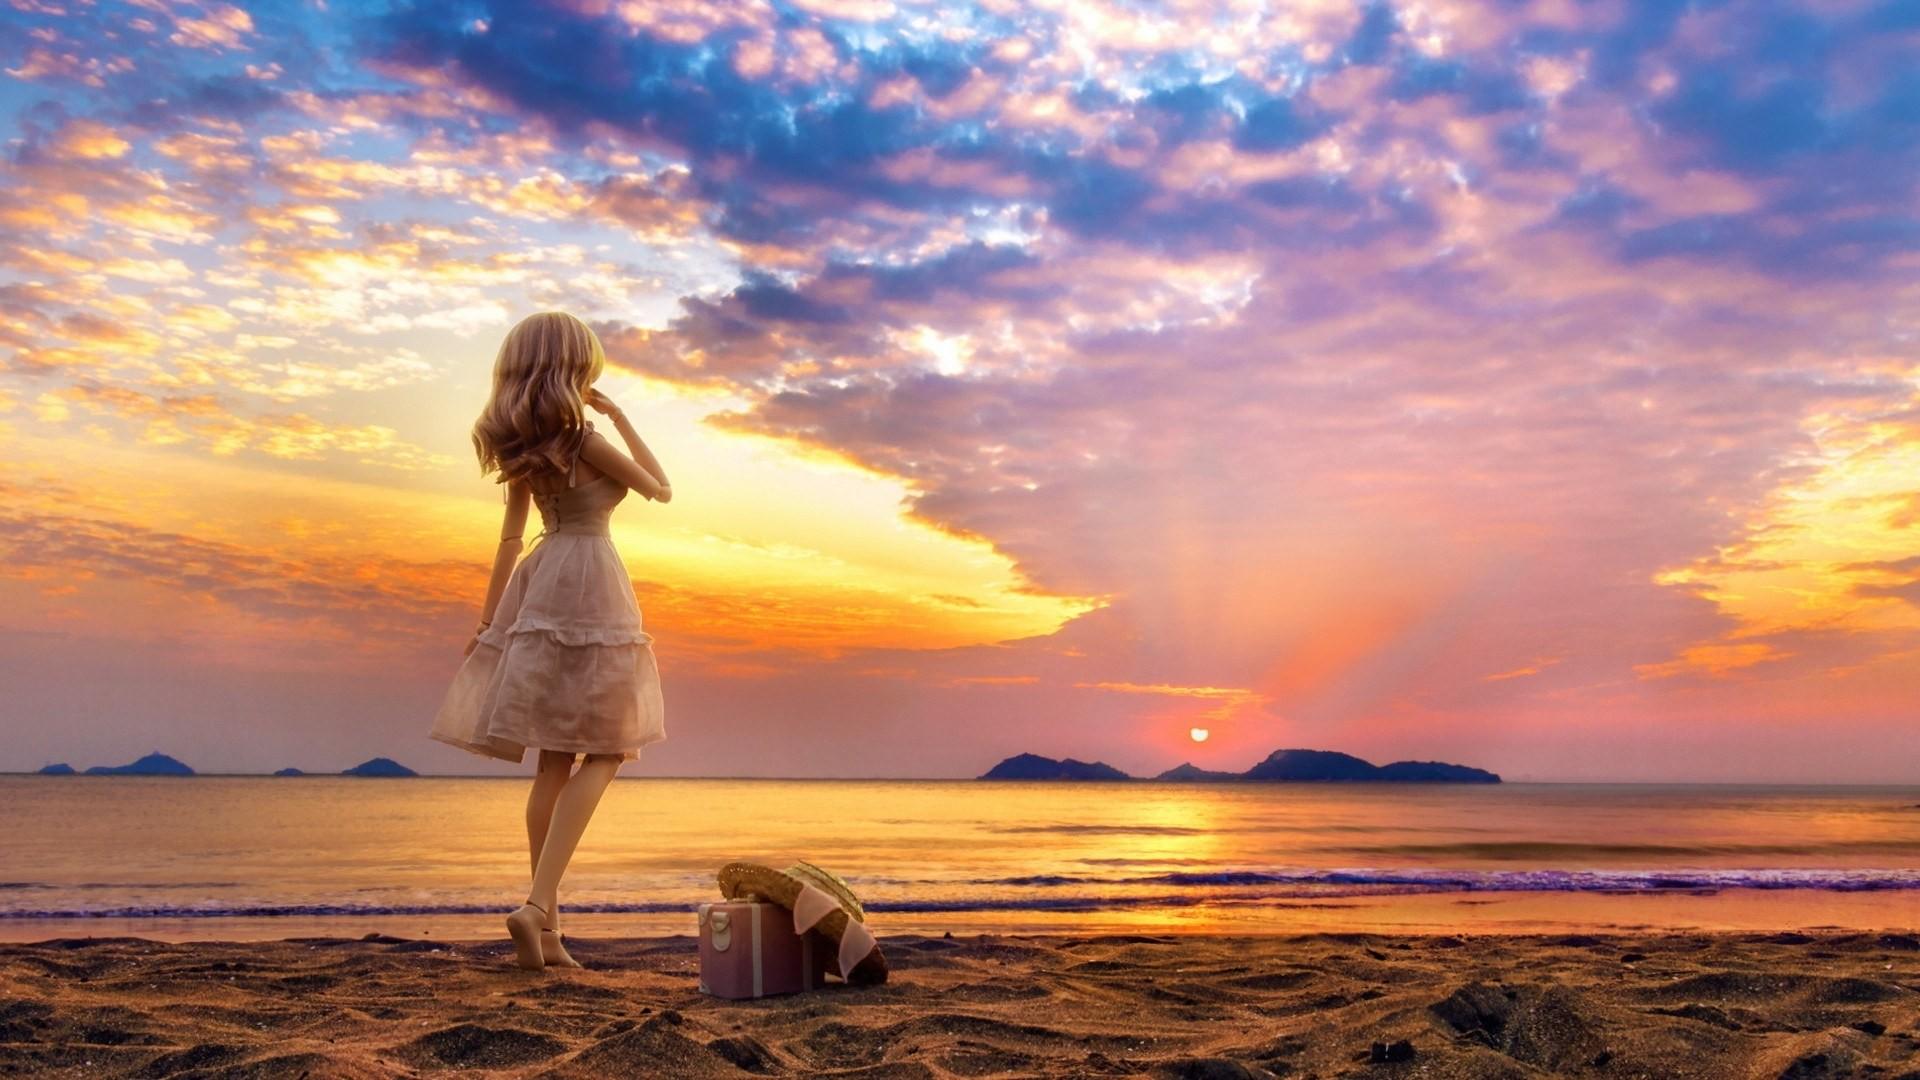 одни прекрасный картинки лето закат люди расчета обычным